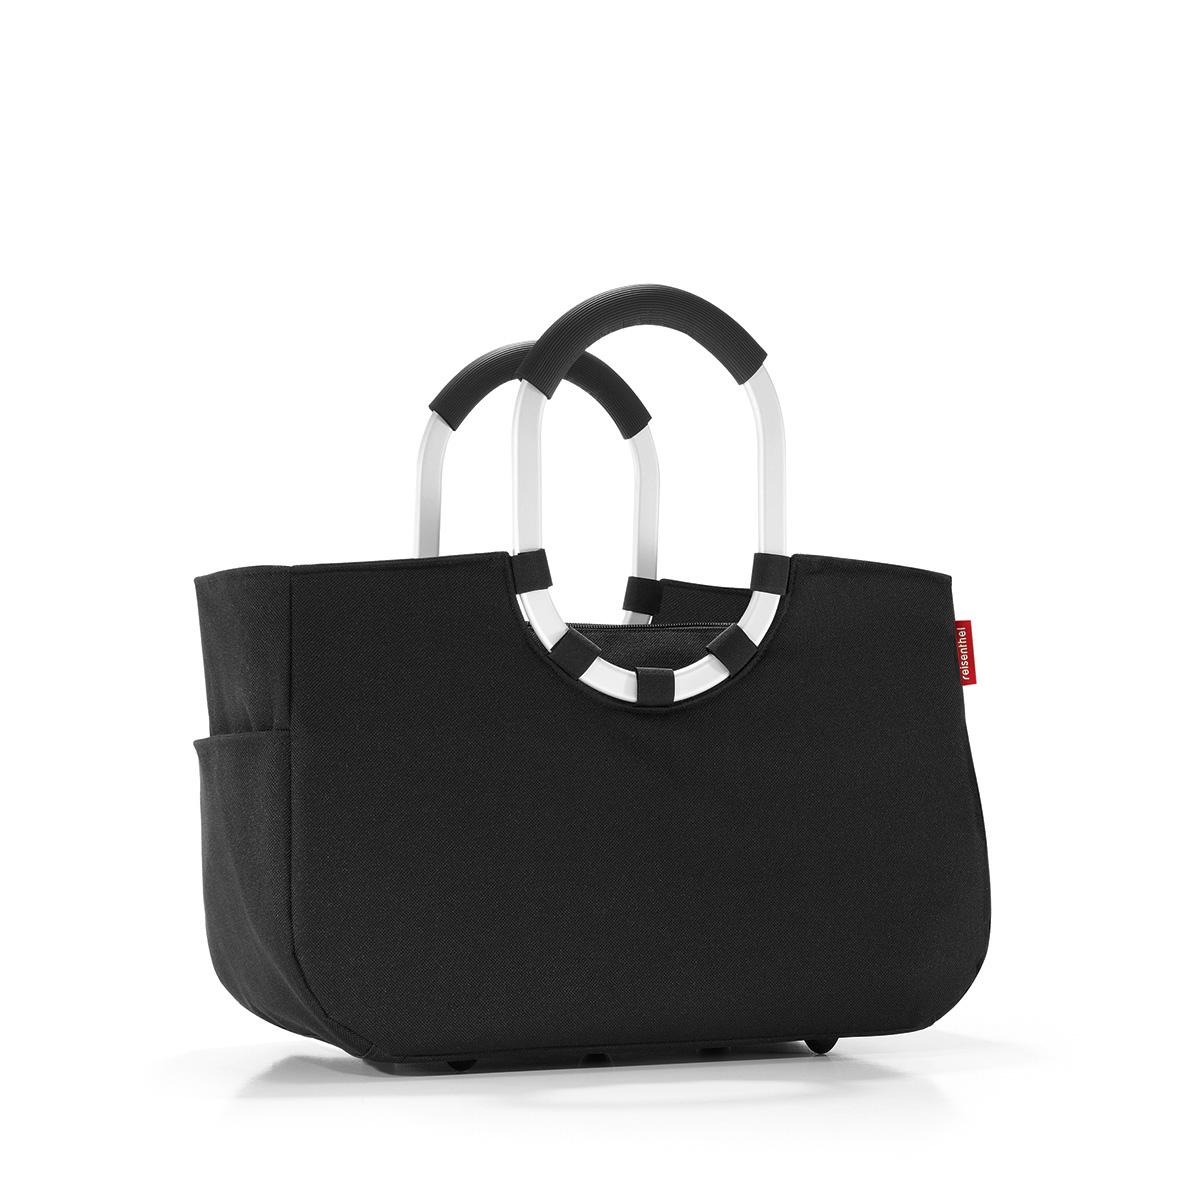 Сумка женская Reisenthel Loopshopper M, цвет: черный. OS7003S76245Универсальная женская сумка Reisenthel Loopshopper M изготовлена из плотного полиэстера и оформлена оригинальными металлическими ручками овальной формы.Сумка содержит одно вместительное отделение, внутри которого расположен врезной карман на застежке-молнии и съемный карман-средник на молнии. Снаружи карман-средник дополнен врезным карманом на молнии и накладным кармашком для телефона. Карман-средник фиксируется в основном отделении сумки на два хлястика с кнопками, также может использоваться как самостоятельный аксессуар. Снаружи сумка оснащена двумя накладными карманами, расположенными по бокам изделия. Овальные ручки дополнены специальным покрытием, которое обеспечит максимальный комфорт при эксплуатации изделия. Дно сумки дополнено пластиковыми ножками.Практичная сумка станет незаменимым аксессуаром для повседневного использования.